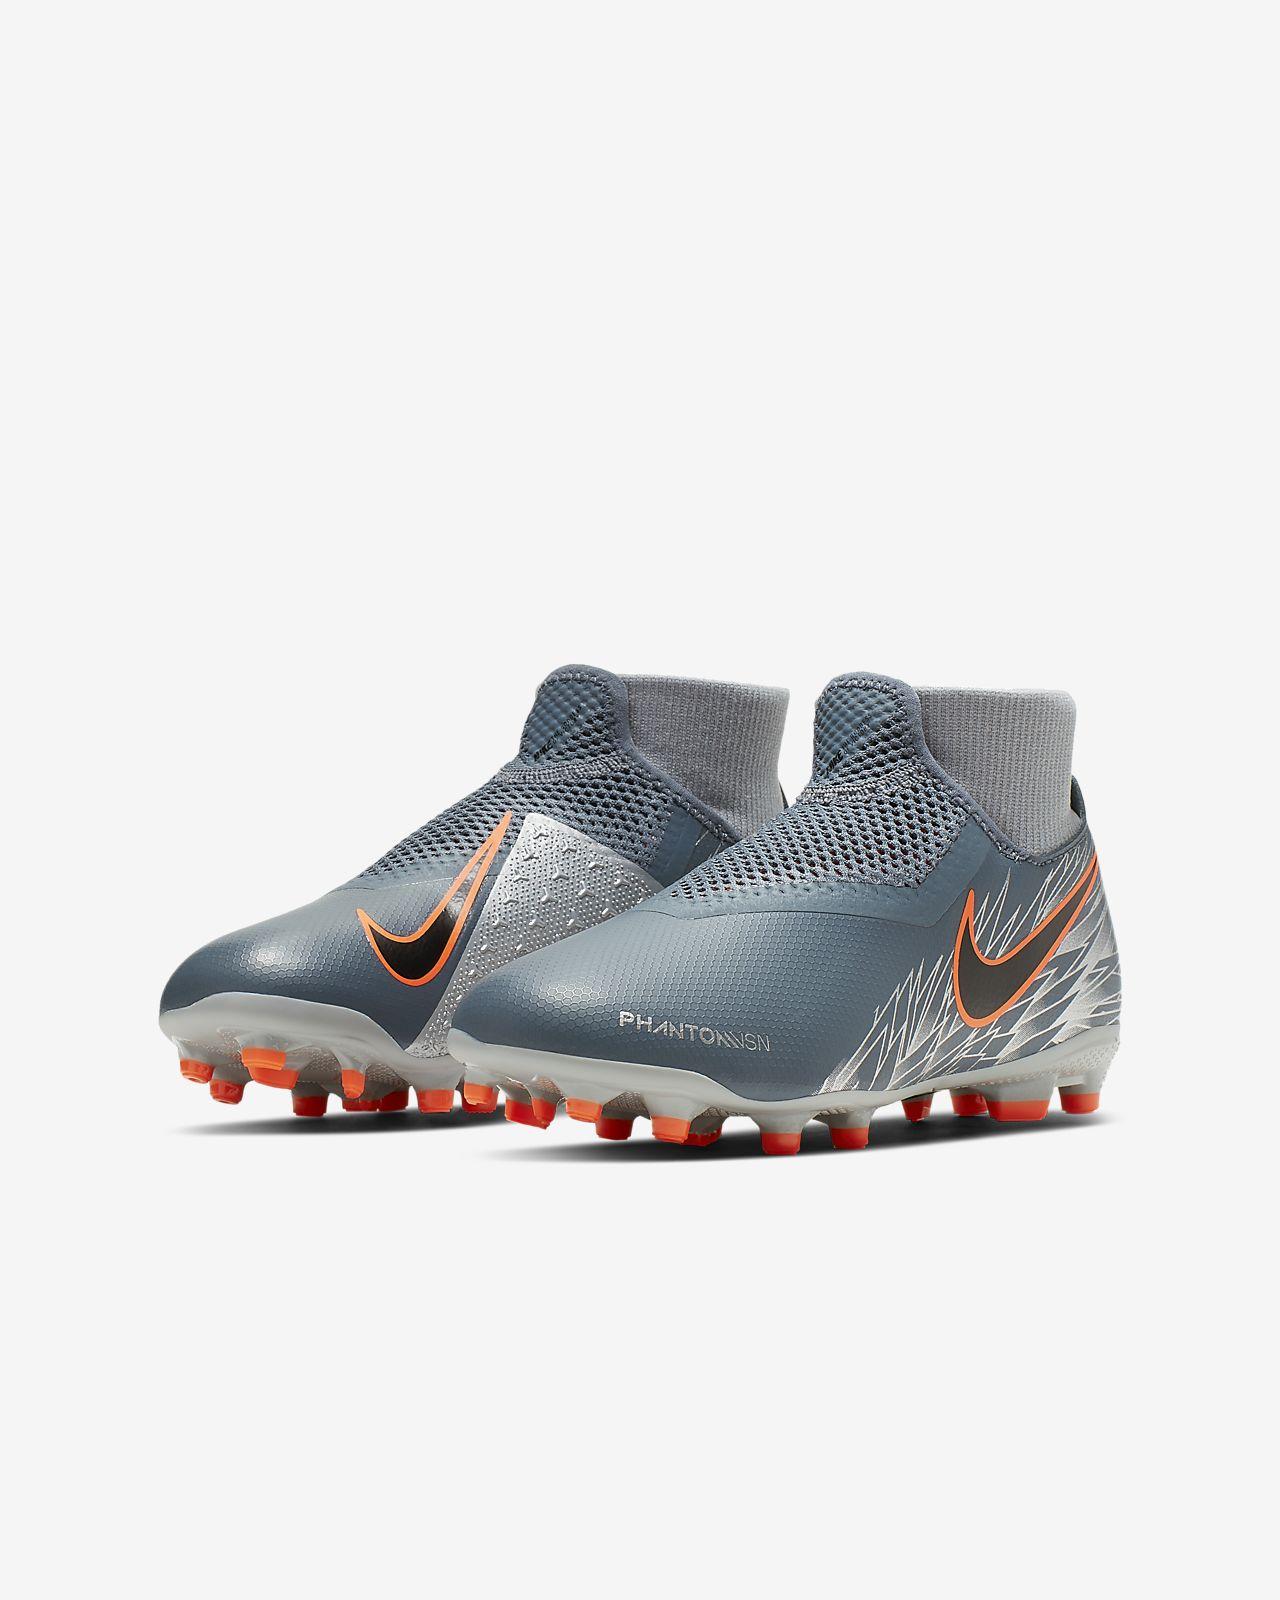 sale retailer 8f4b6 093d2 ... Nike Jr. Phantom Vision Academy Dynamic Fit MG-fodboldstøvle til flere  typer underlag til